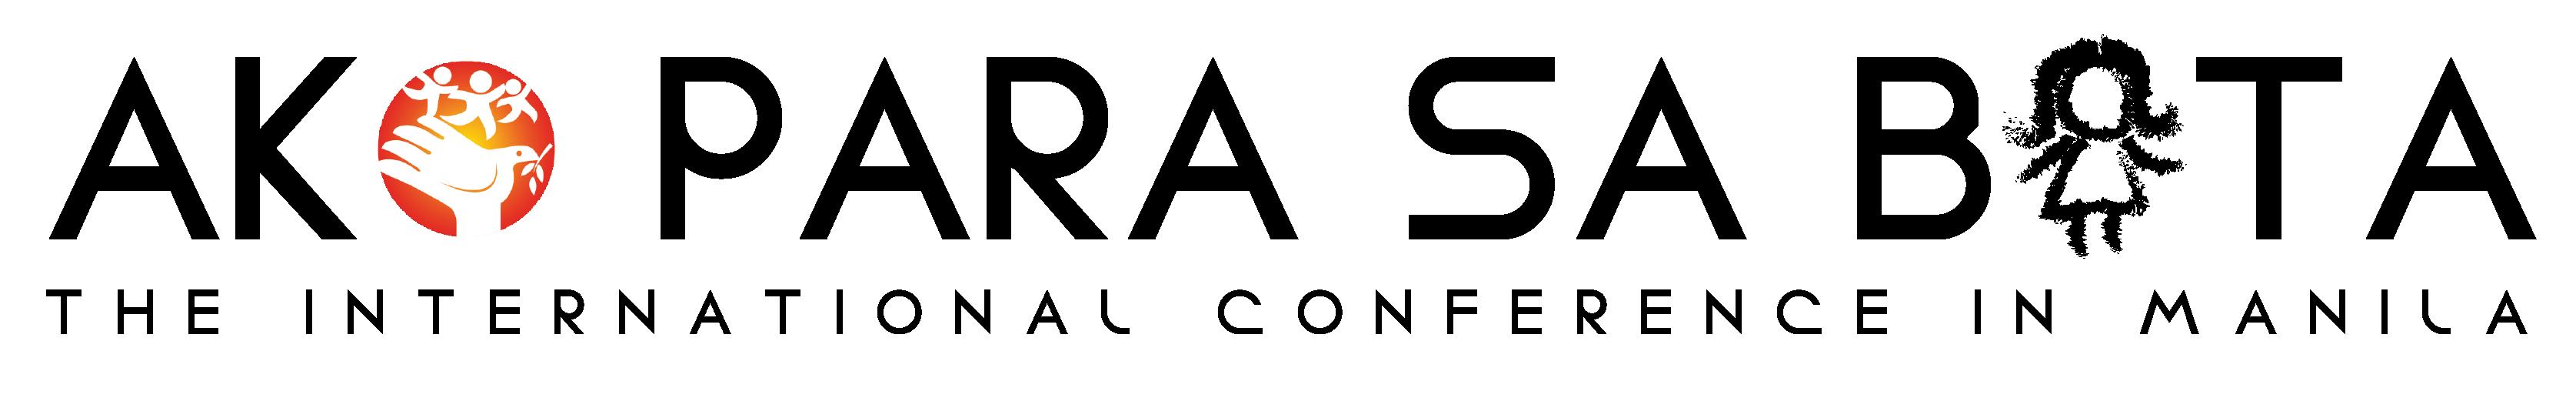 APSB 2019 Logo